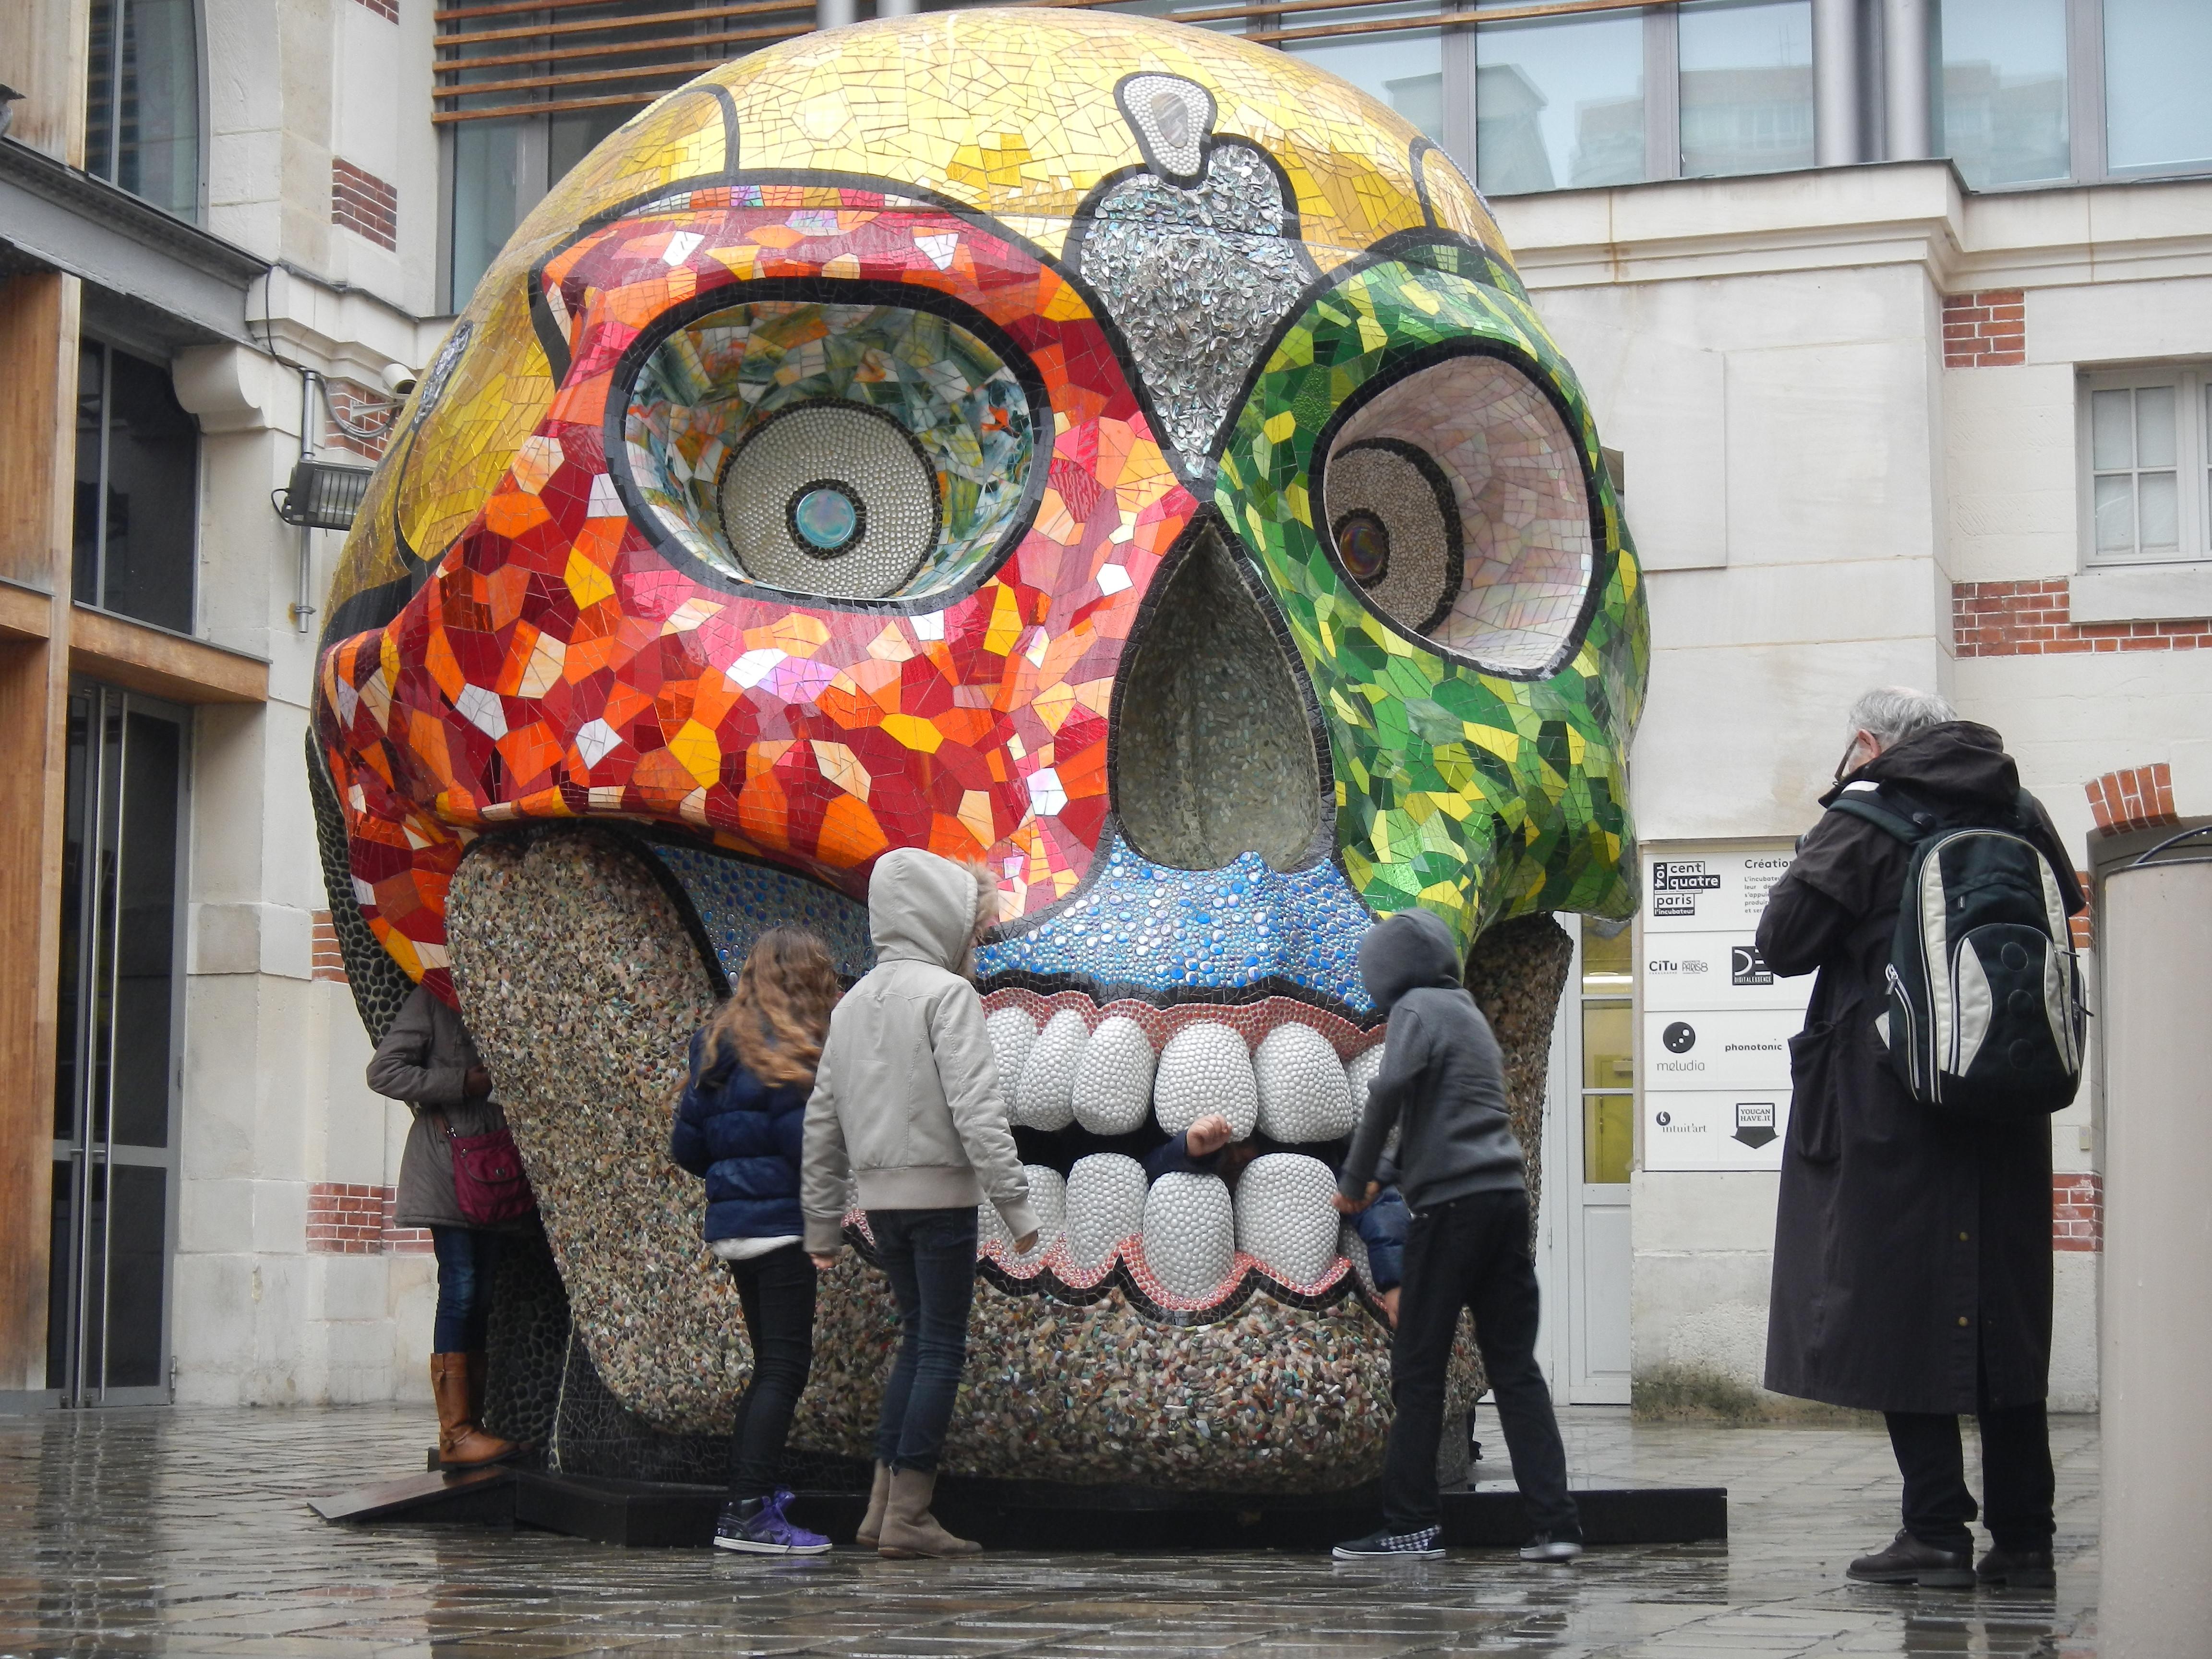 Découverte, interrogation et jeux autour de la Cabeza de Niki de Saint Phalle